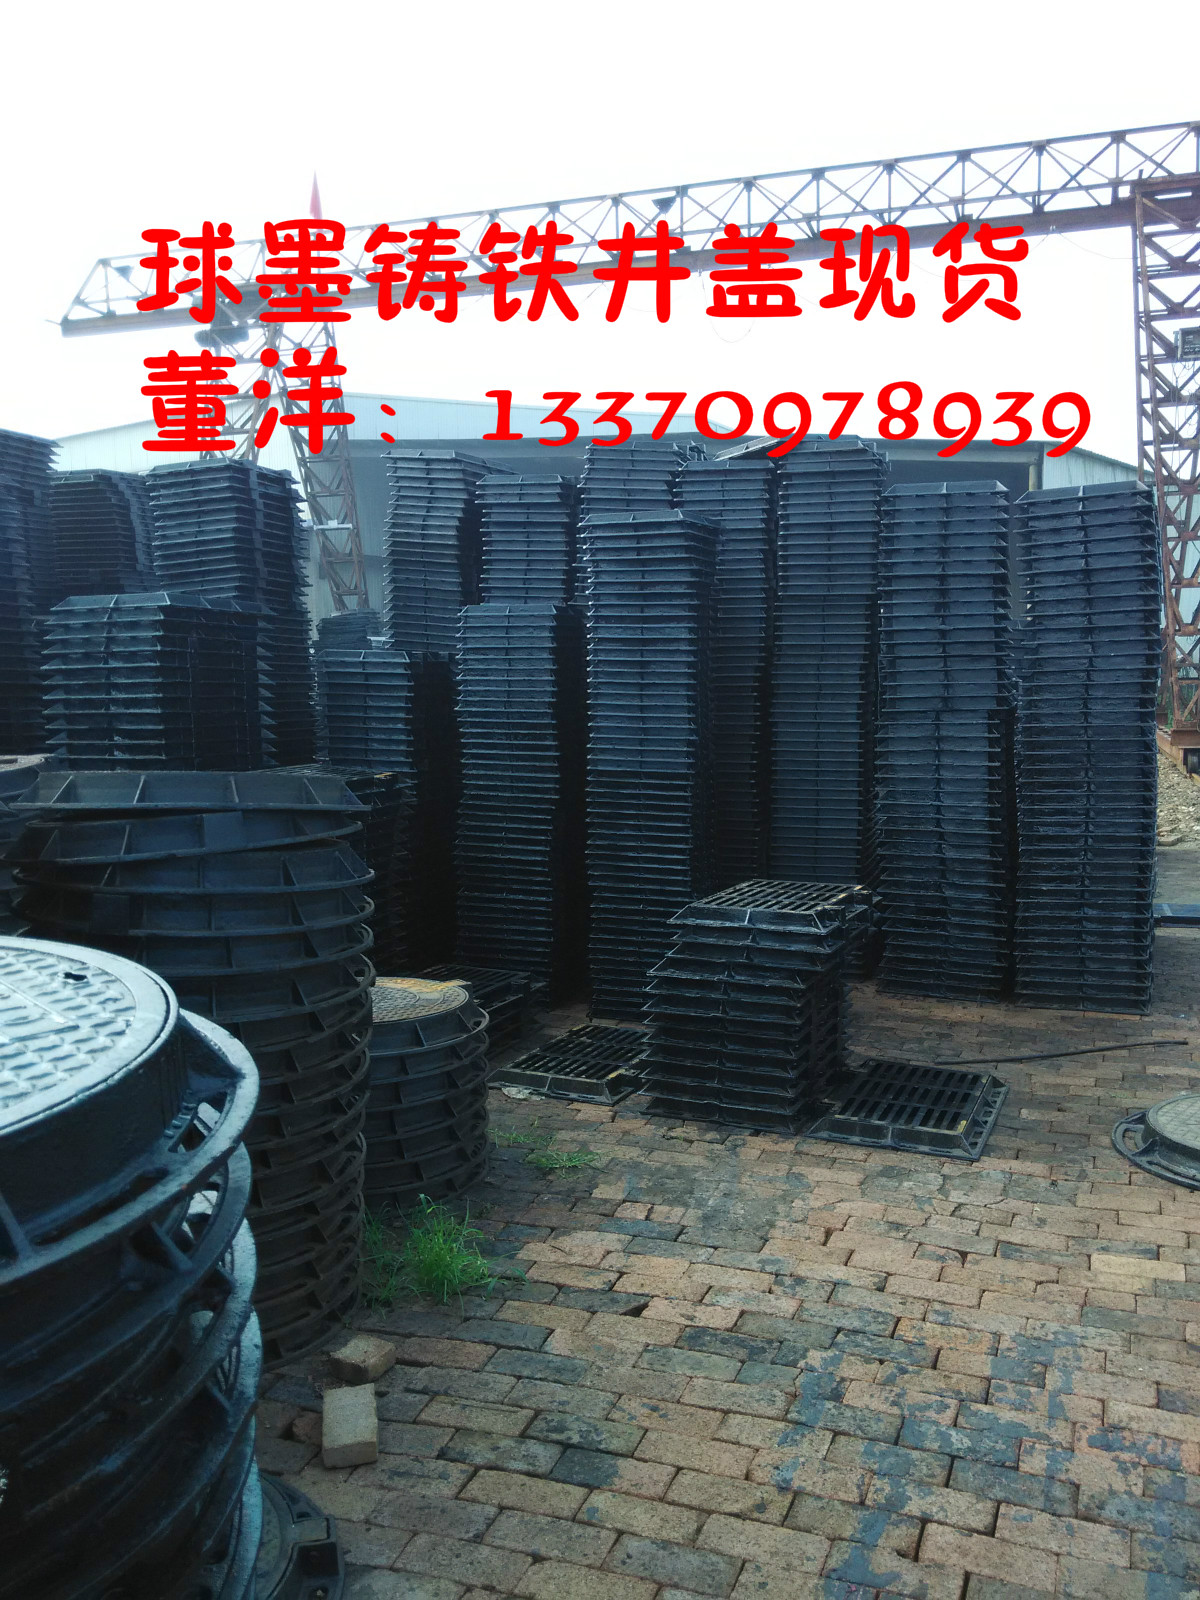 辽宁省本溪市300*500球墨铸铁雨篦子,机制沟盖板价格400*600*30,厂家直销